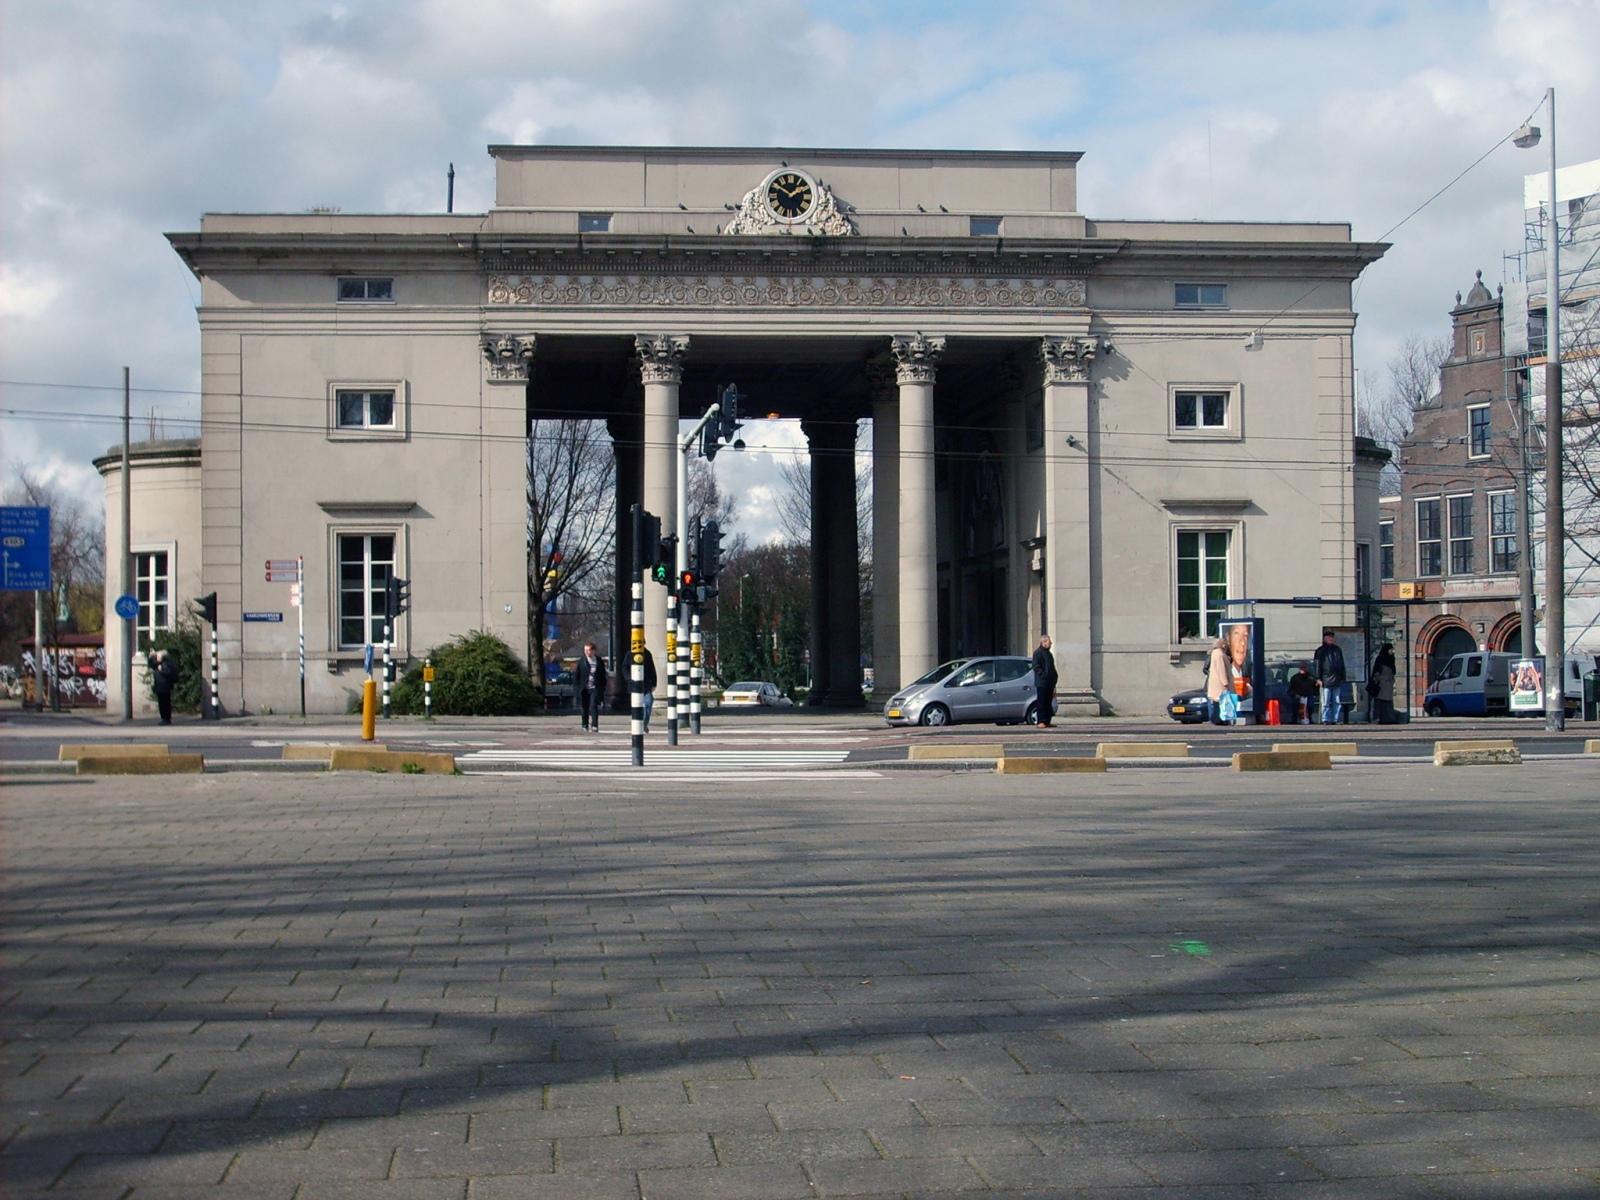 Haarlemmerpoort_Oude-toestand_20070316001